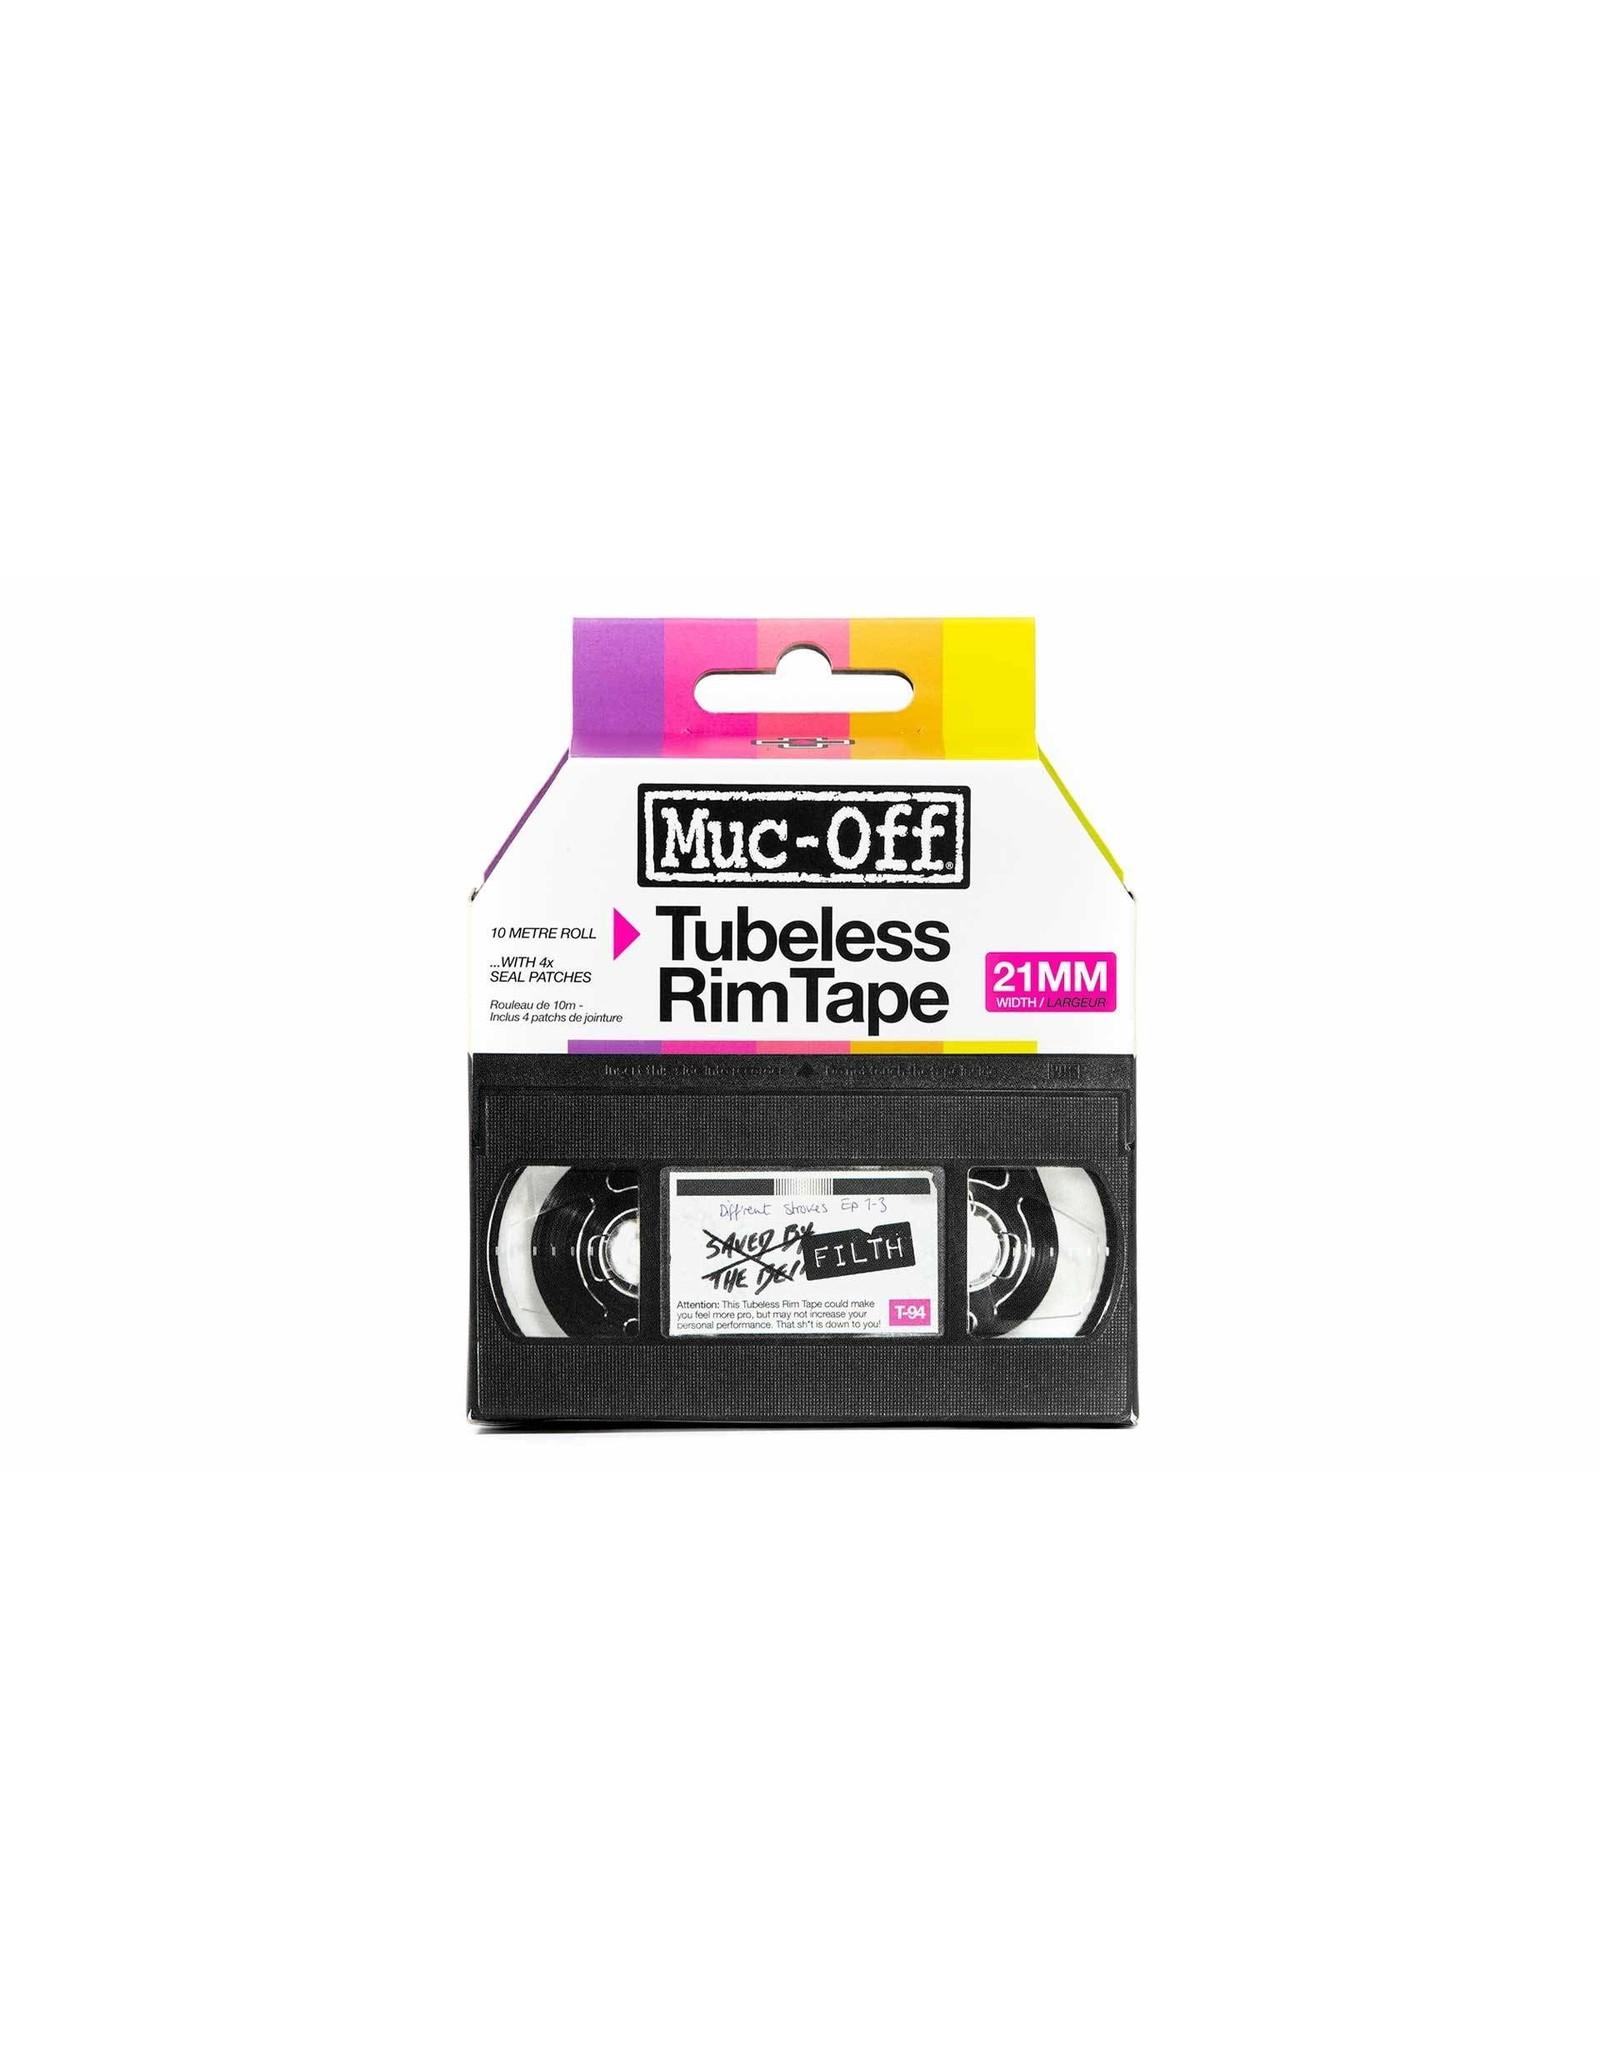 Muc-Off Muc-Off Tubeless Rim Tape 10m 21mm